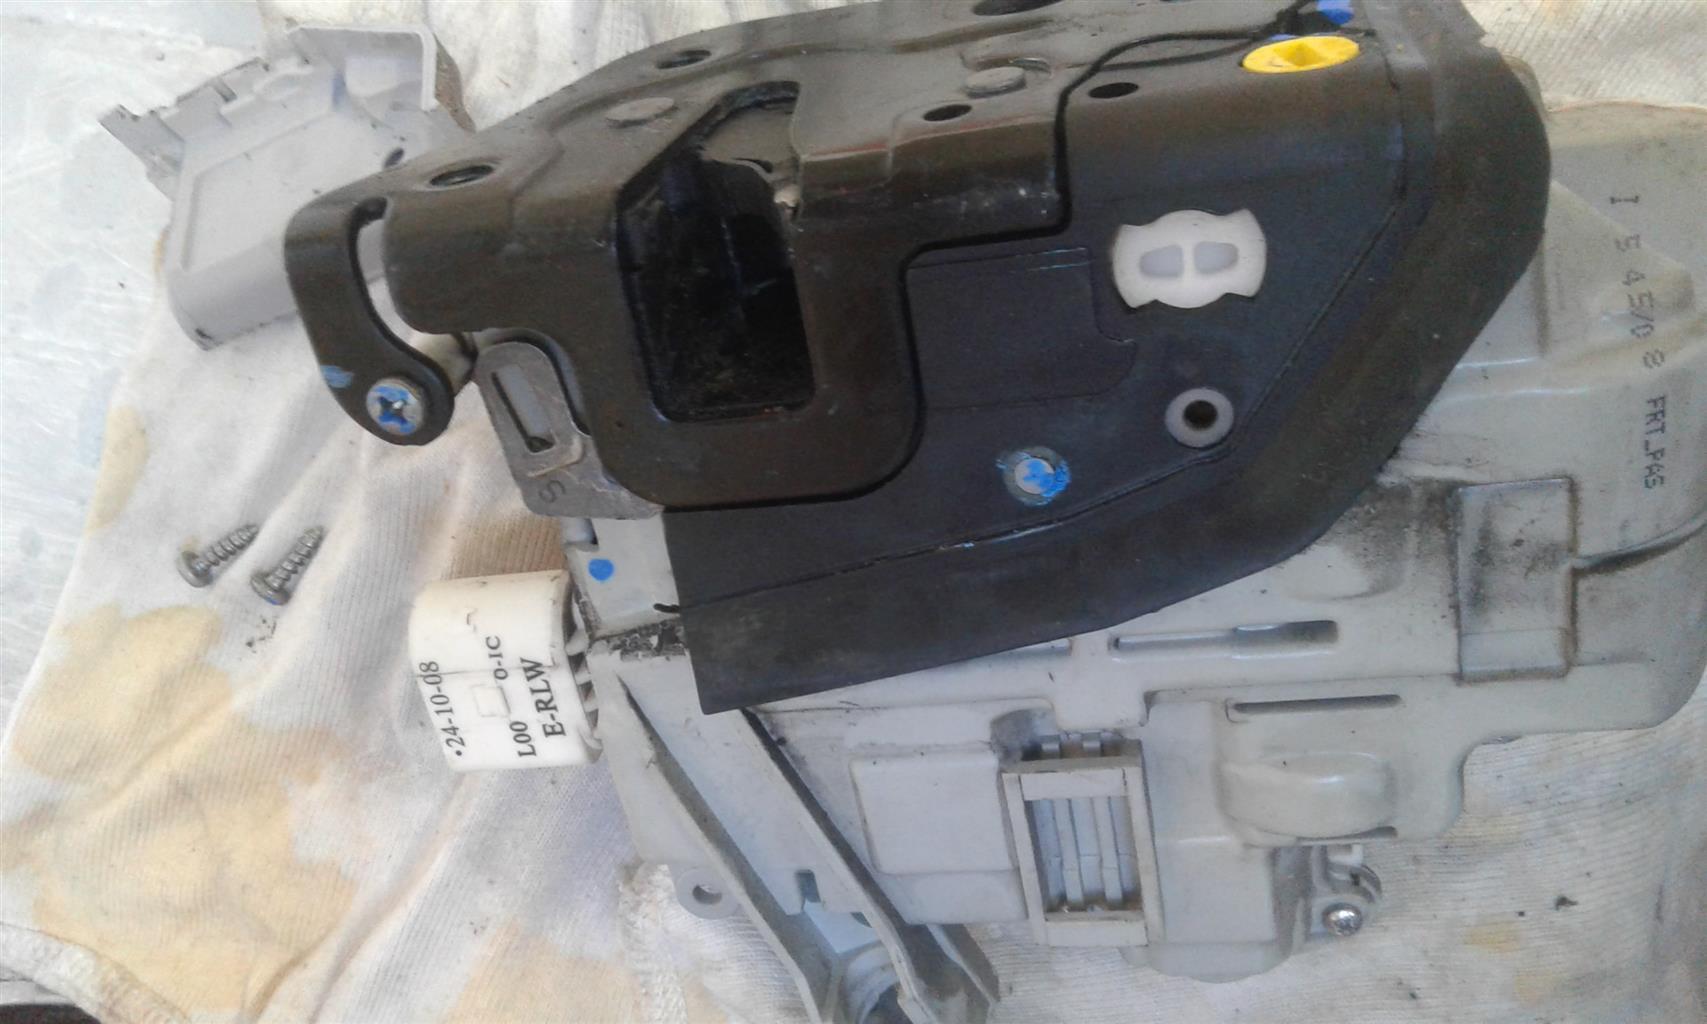 Golf 5 central locking actuator repairs